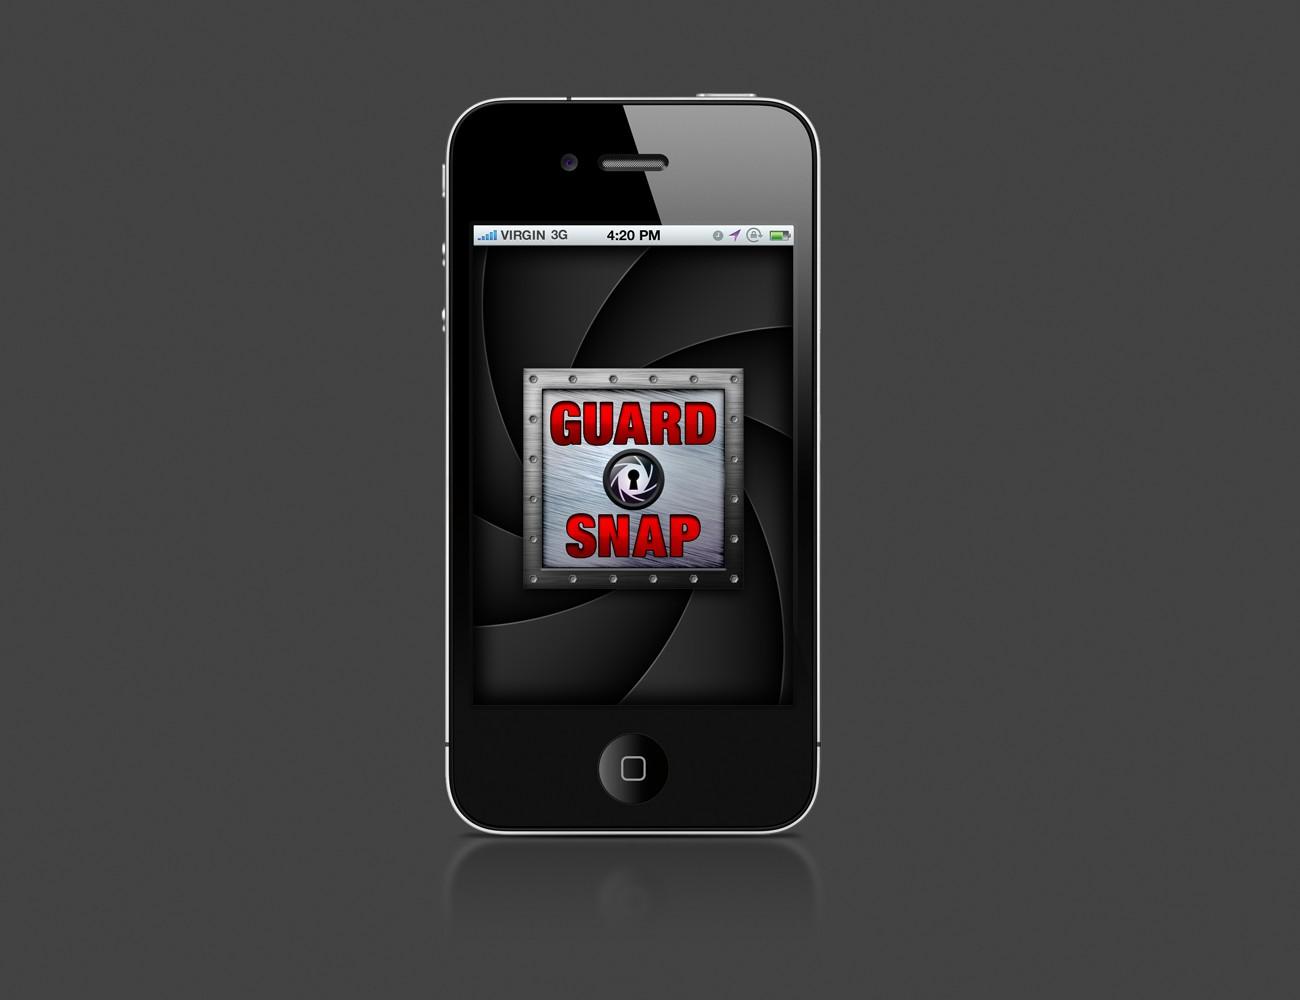 guard snap